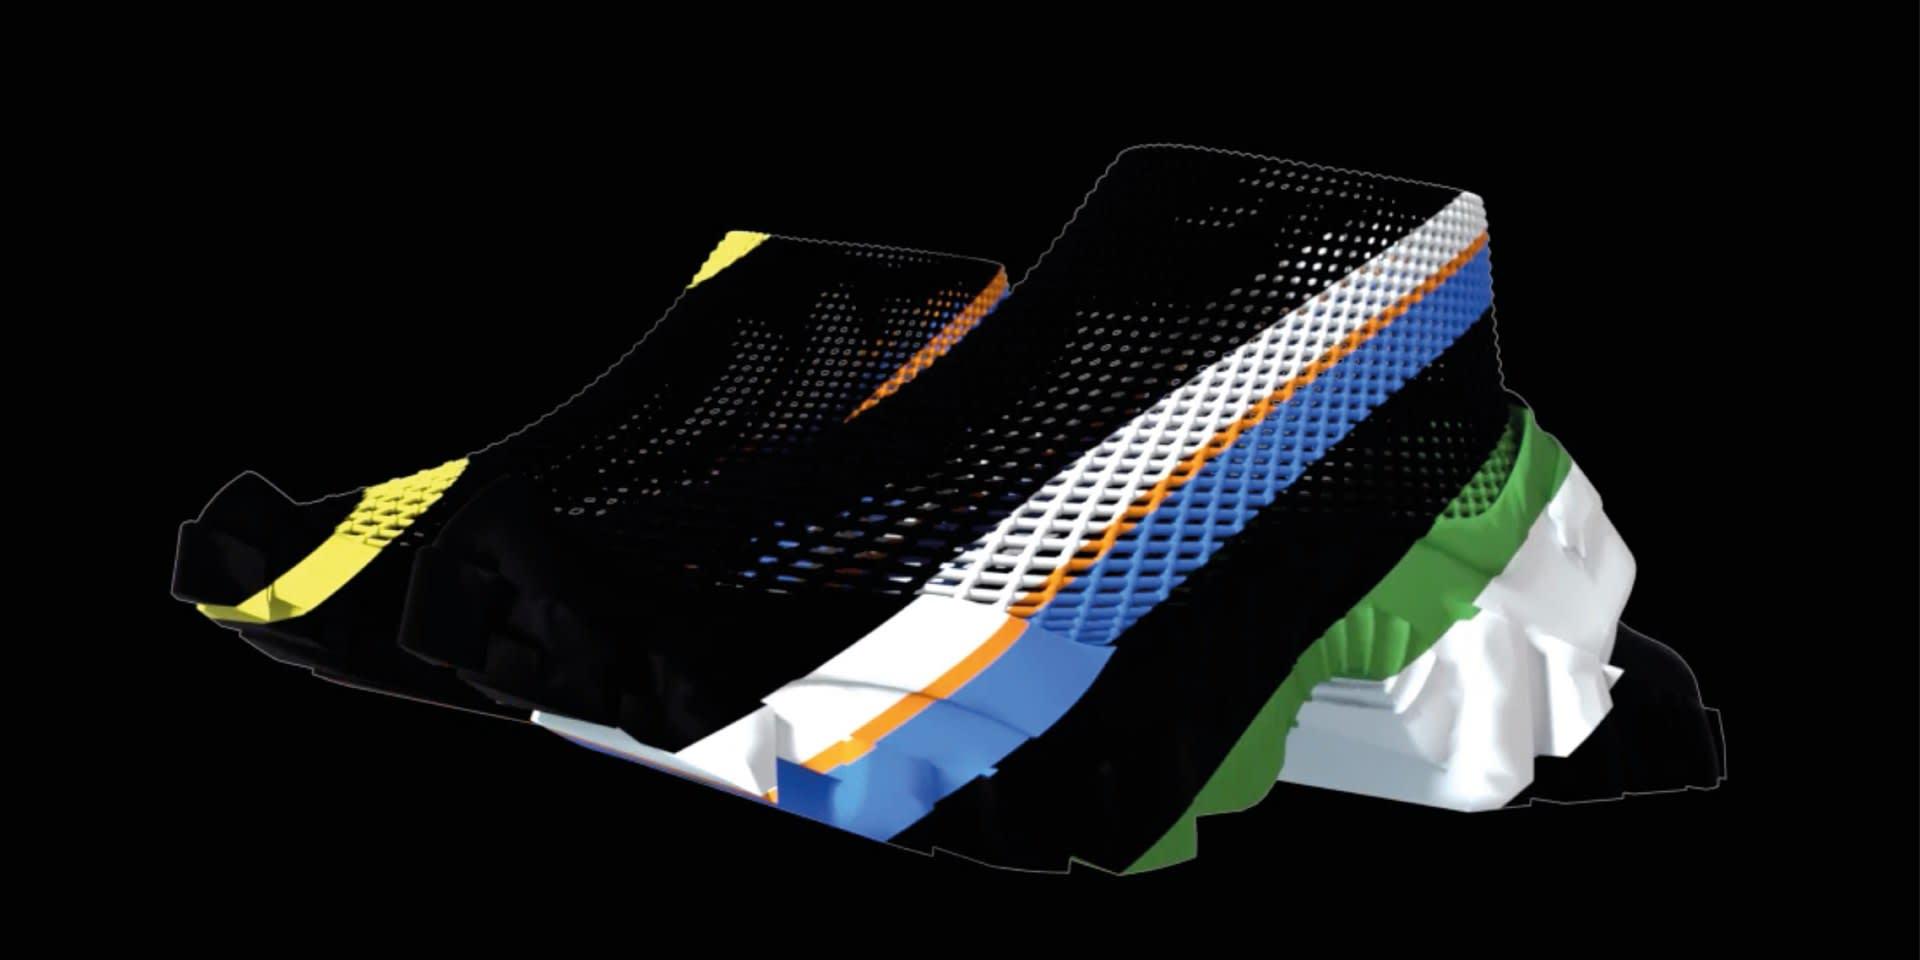 Sharp G 3D Digital rendering